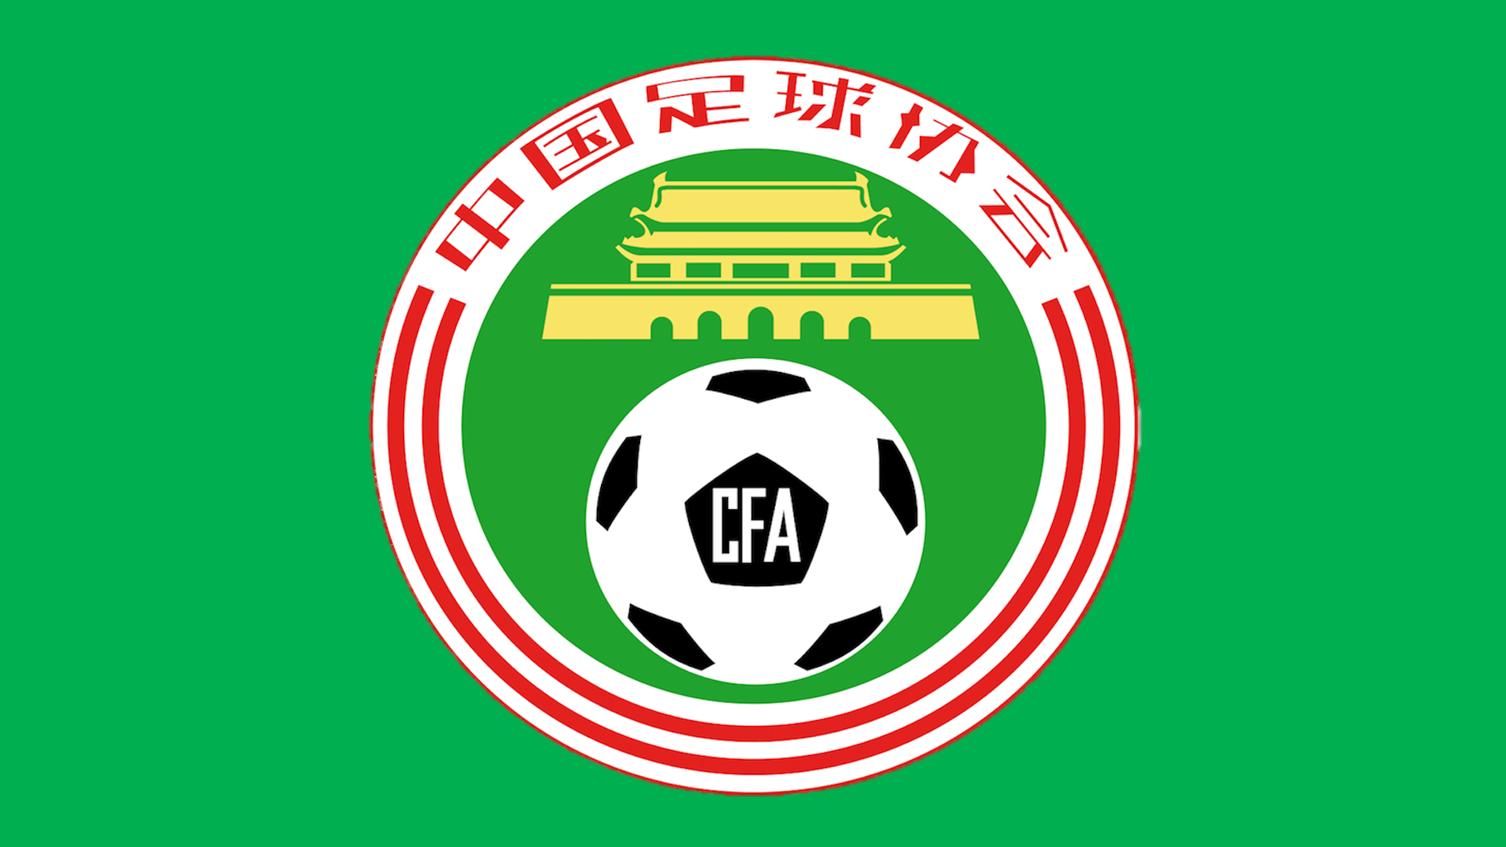 中国足球协会关于调整《2019中超联赛规程》相关条款的通知